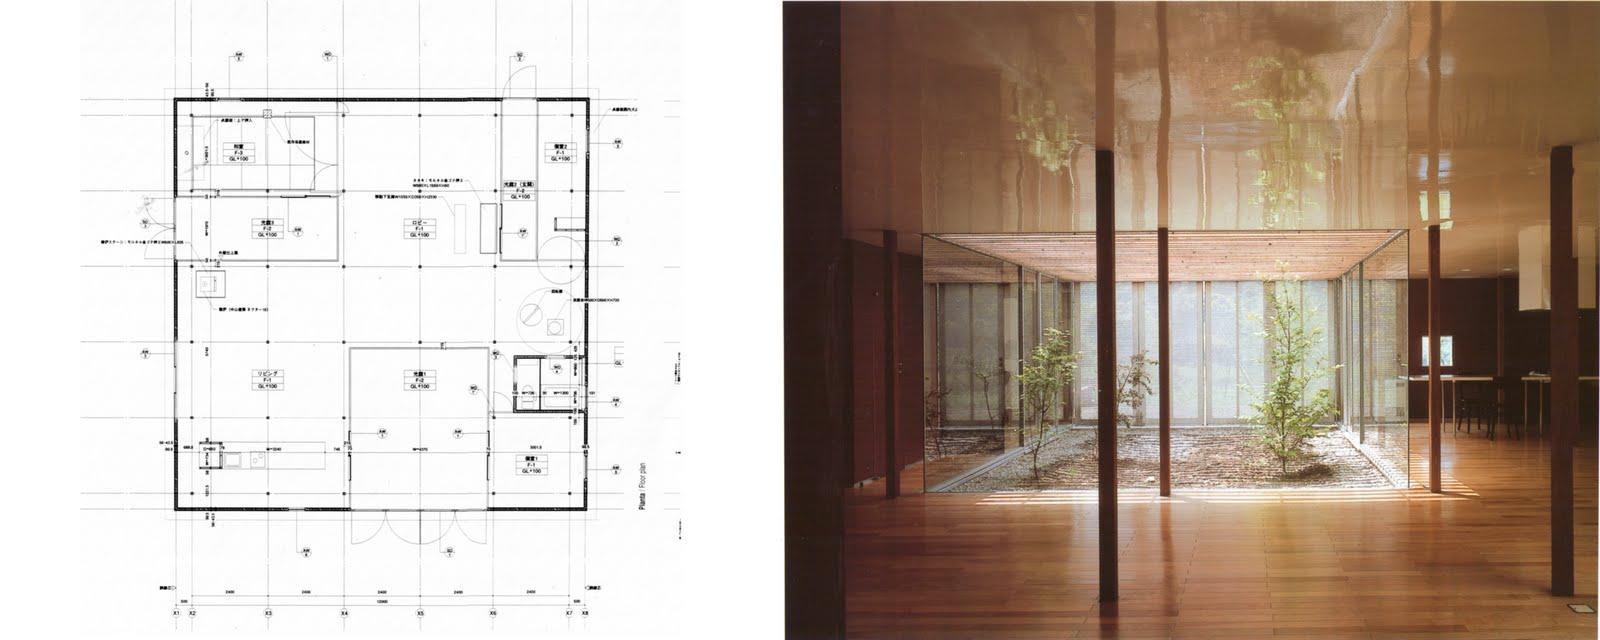 Catedra sgbl arq roberto amette arquitectura 1 ejercicio - Casa de fin de semana ...